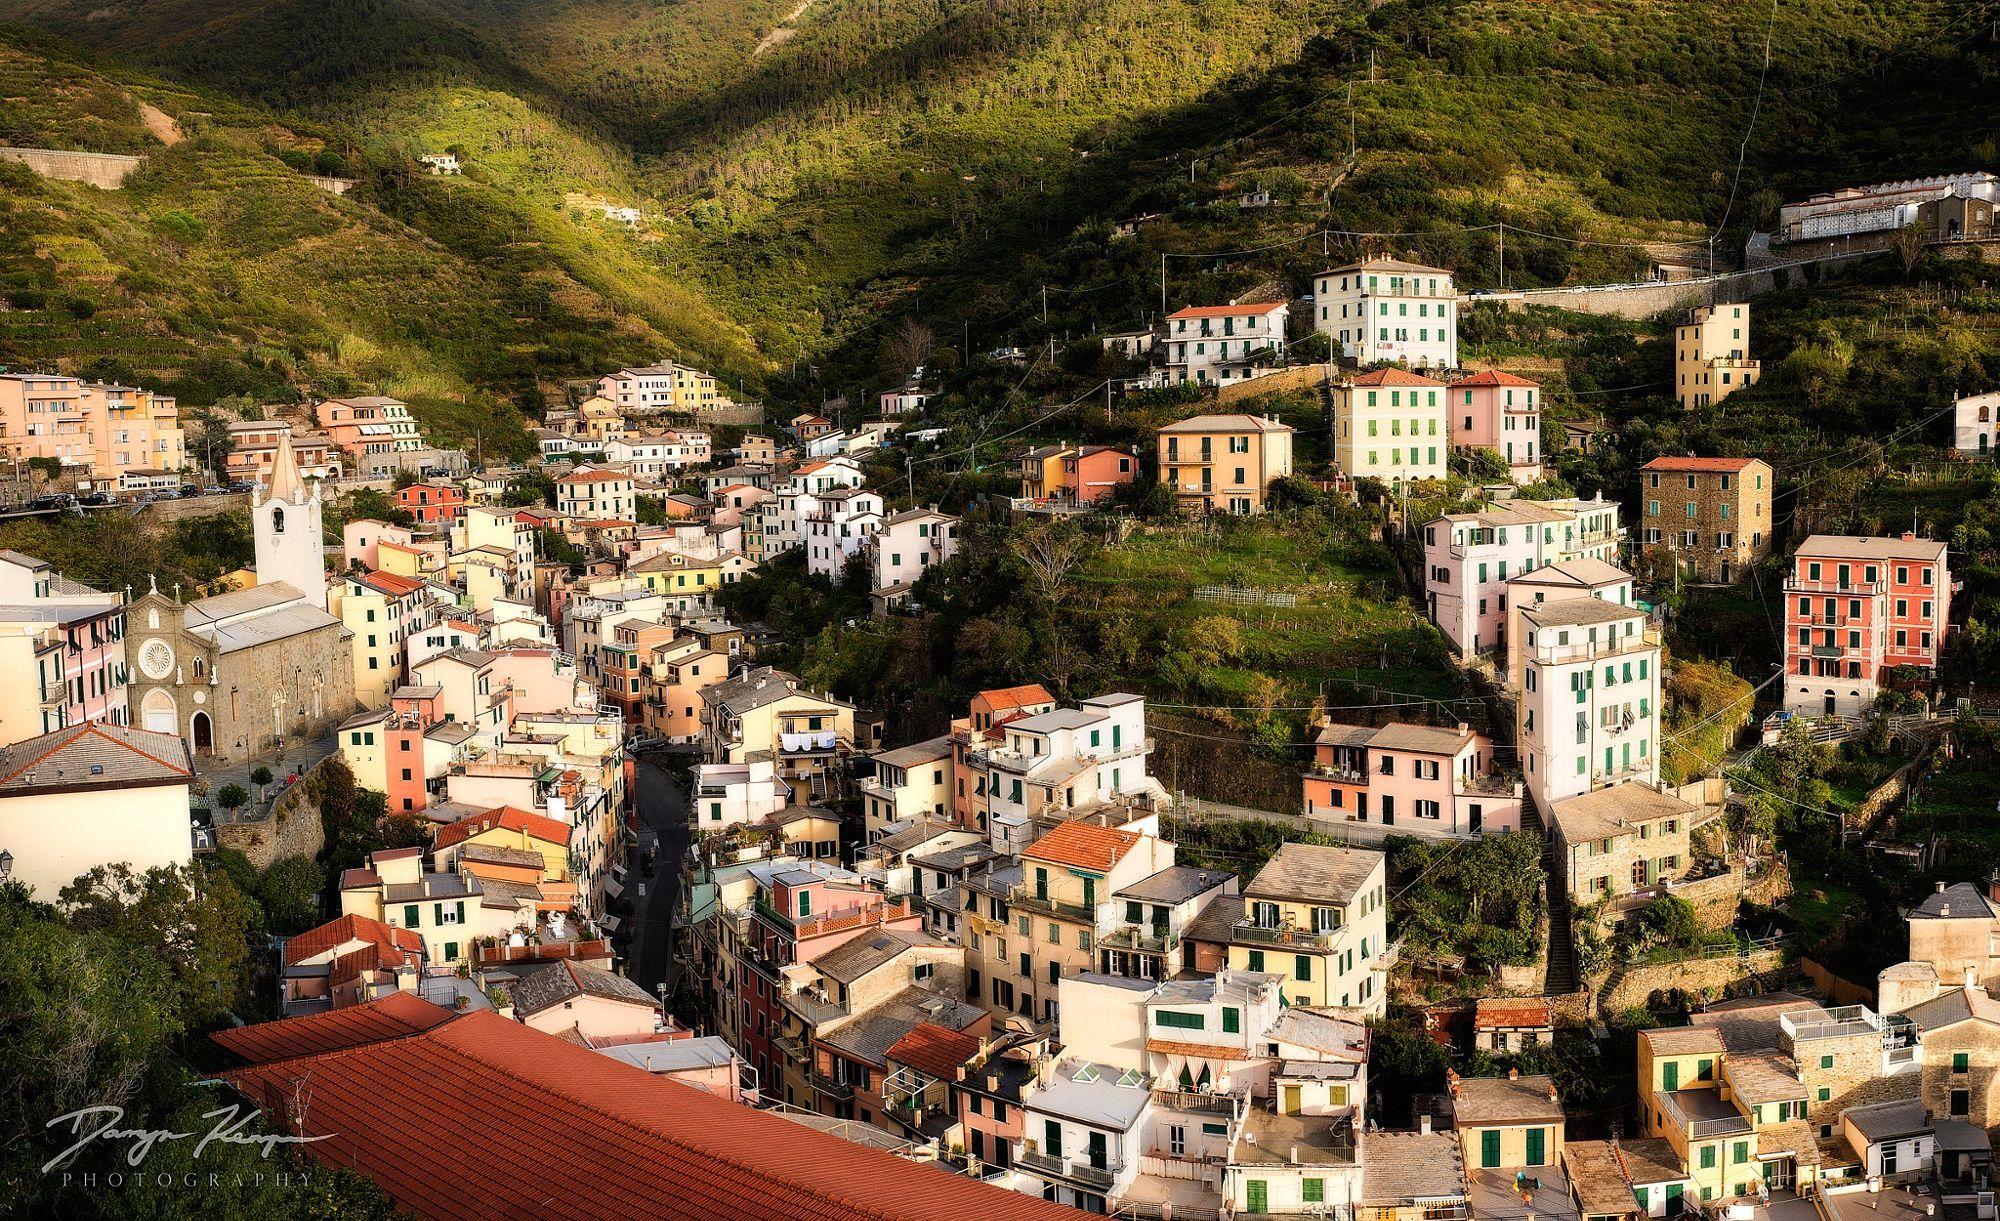 Riomaggiore Pano  Travel photo by darrynkemper http://rarme.com/?F9gZi